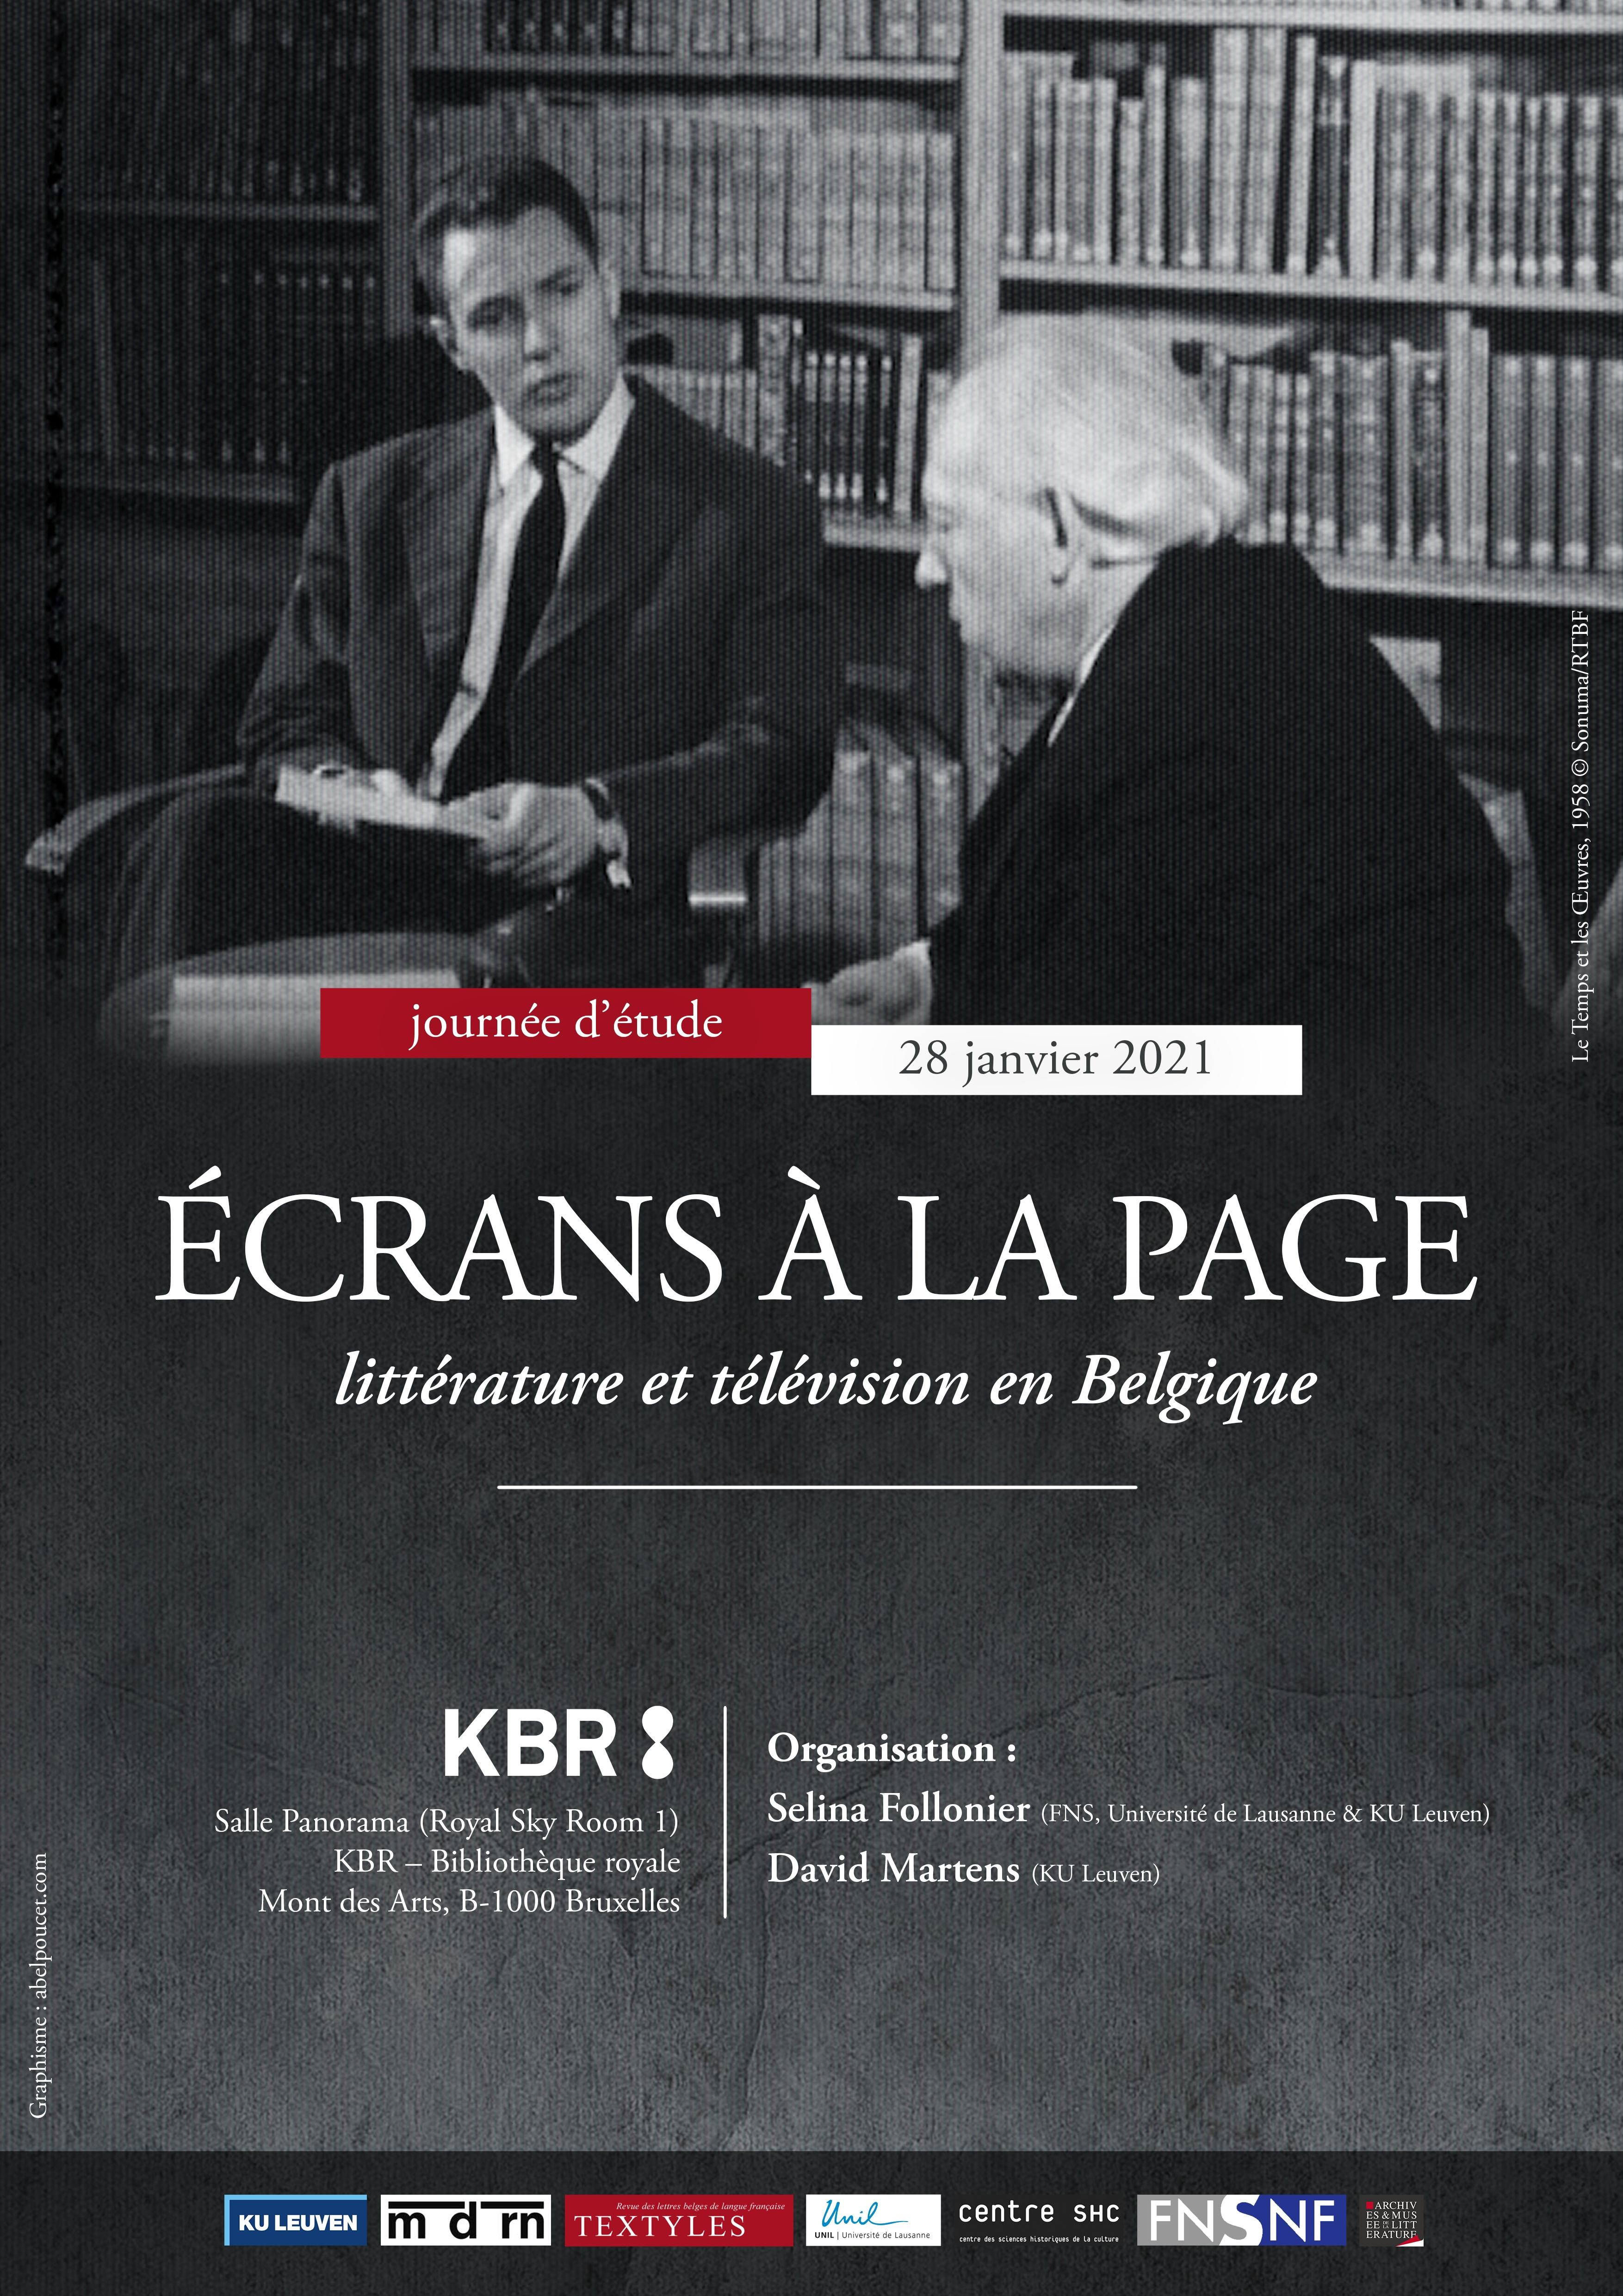 Écrans à la page. Littérature et télévision en Belgique - Journée d'études - 28 janvier